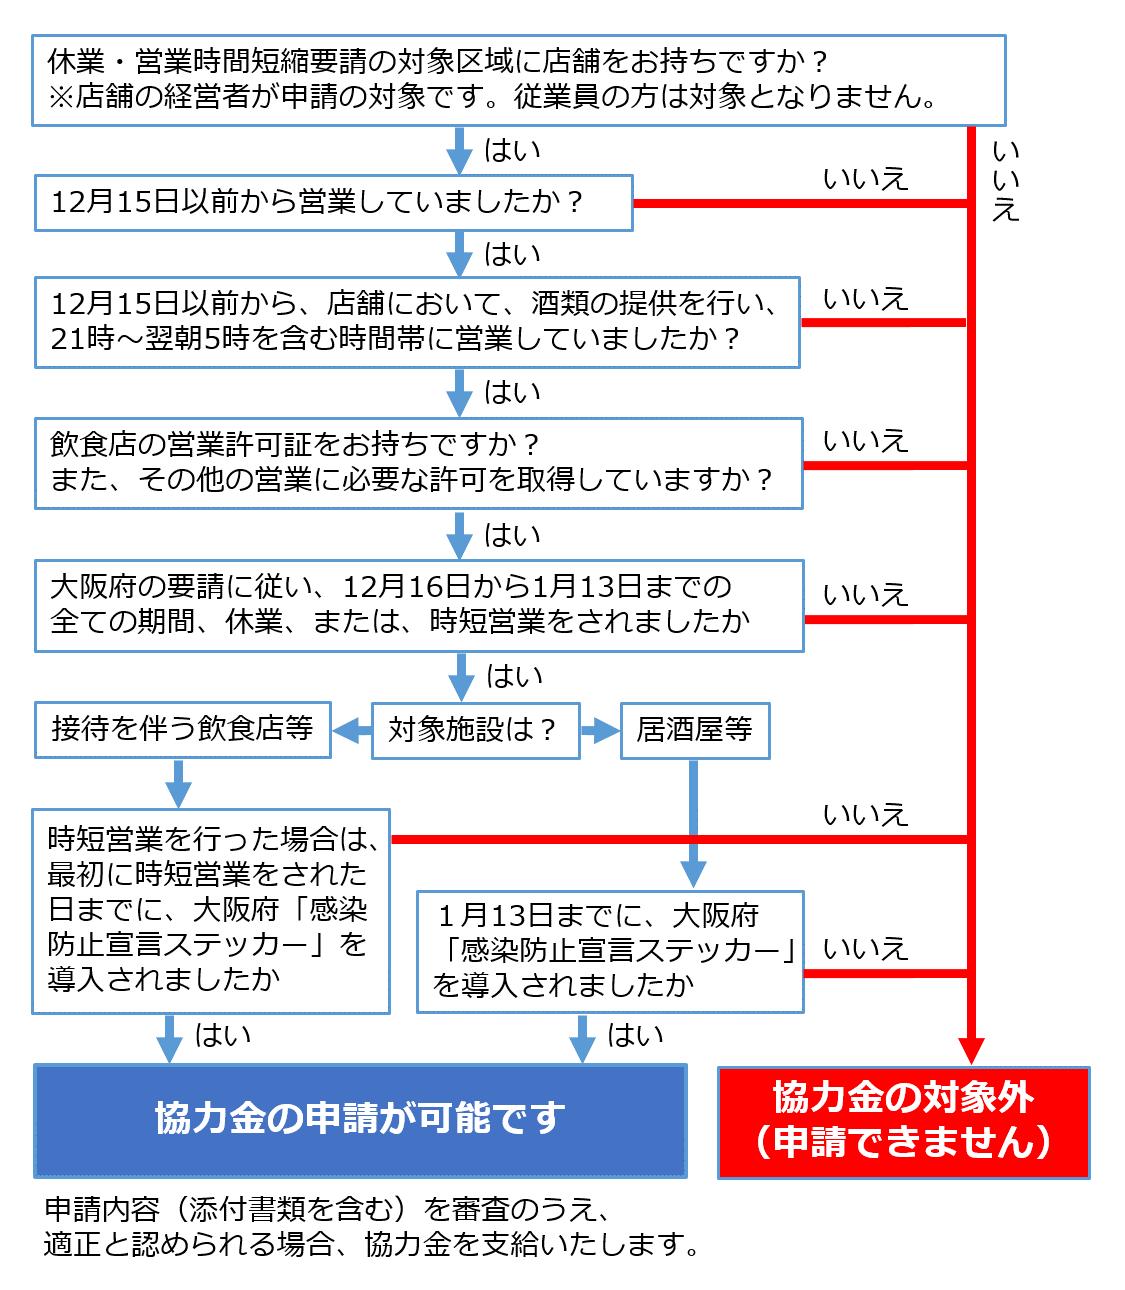 申請 短縮 協力 システム 時間 大阪 府 金 営業 金